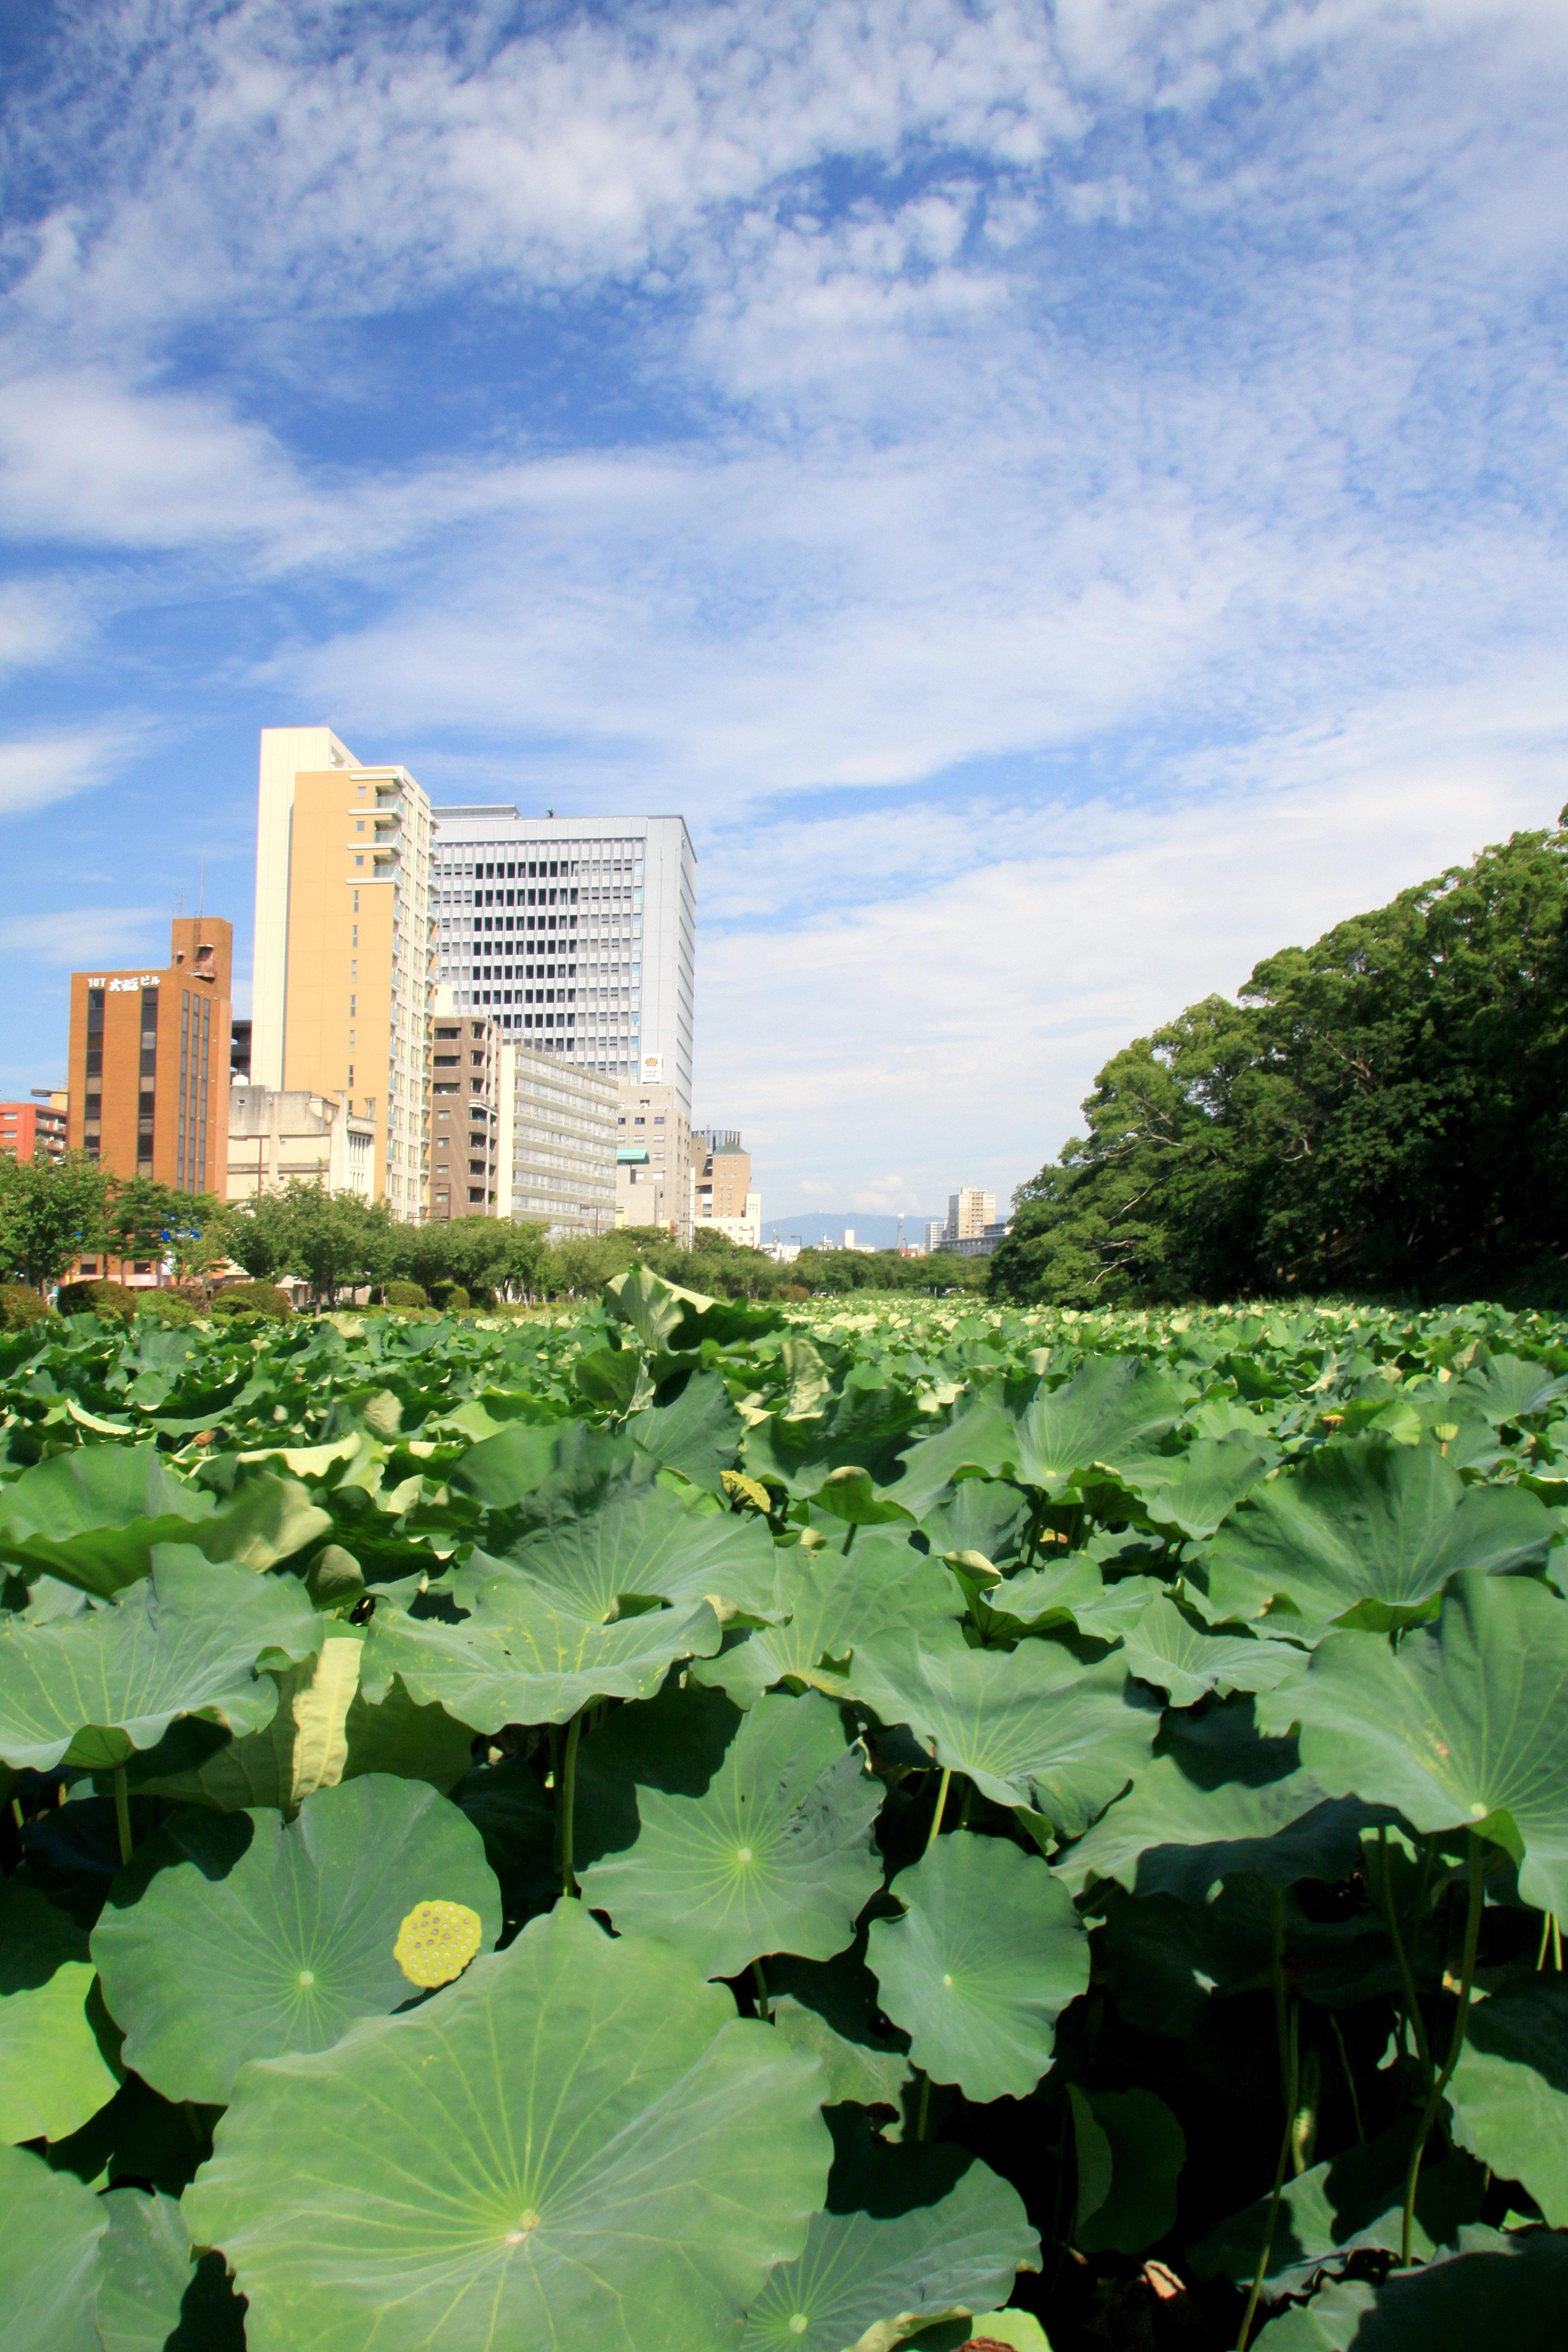 舞鶴公園・お堀のハス(2009)の画像